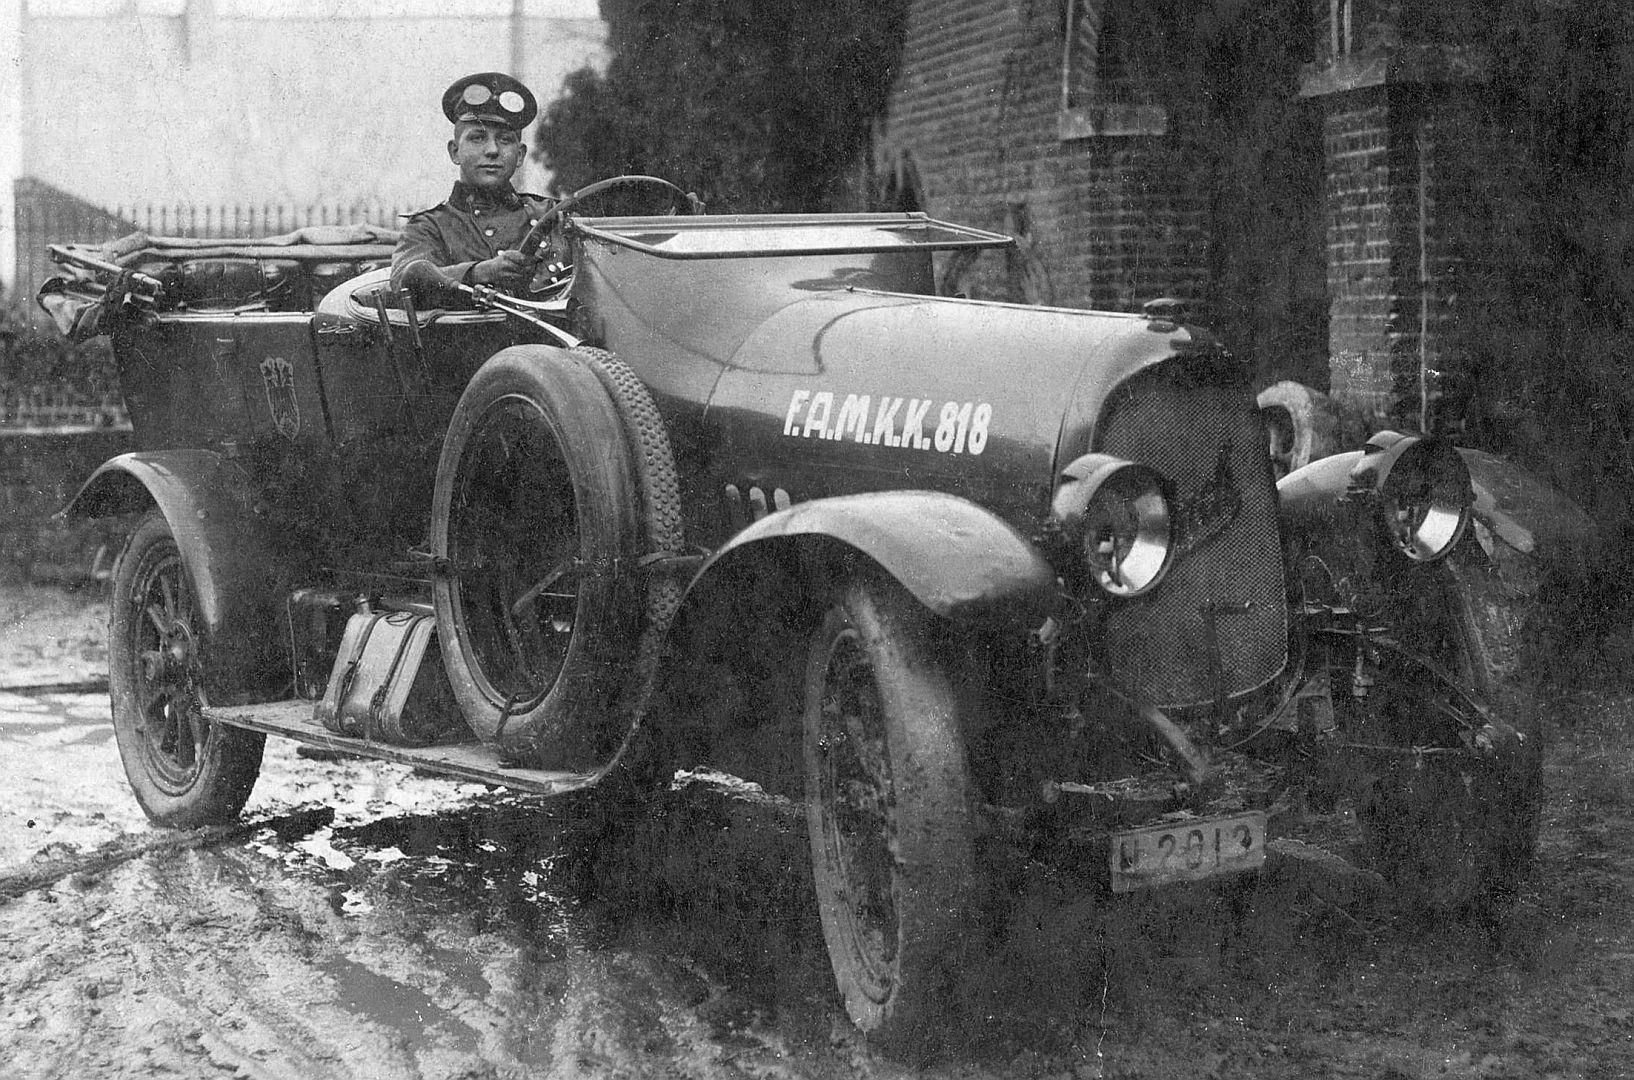 Horch_1913_Wk1_Ausschnitt